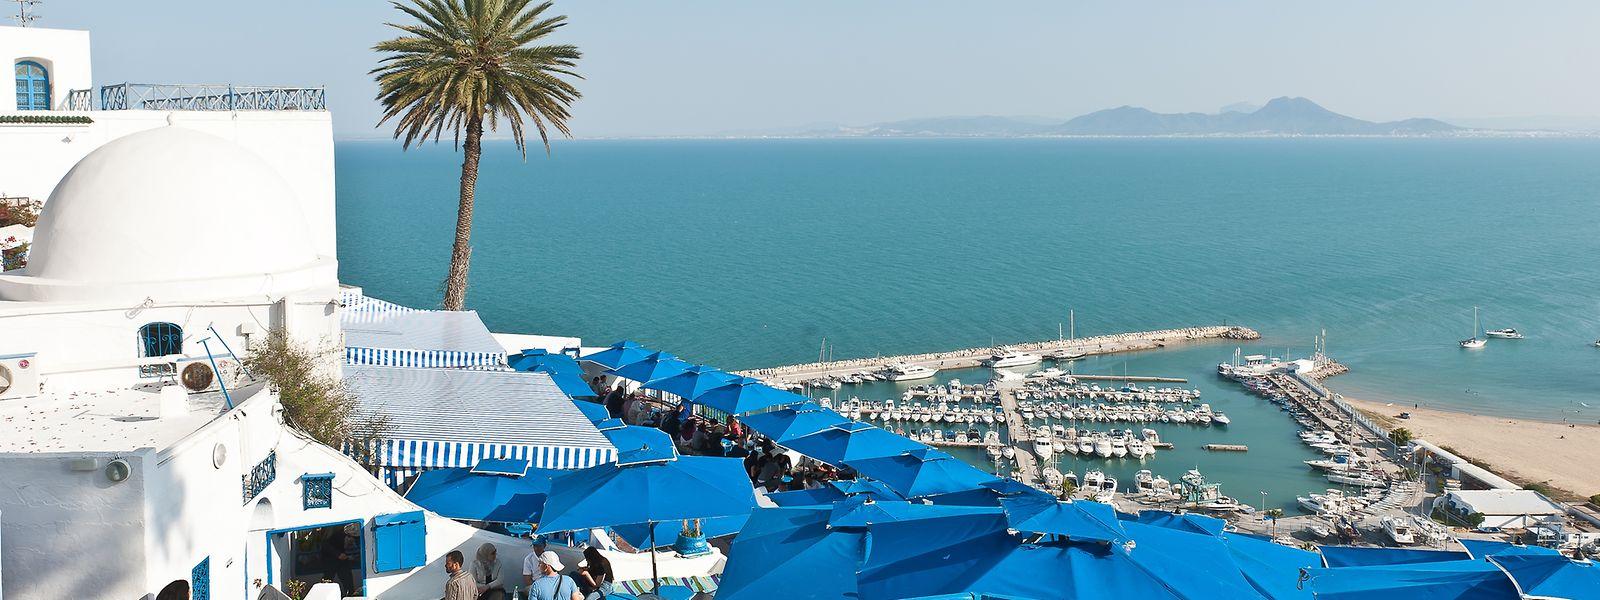 Vue panoramique sur la mer depuis le village en bleu et blanc de Sidi Bou Saïd.